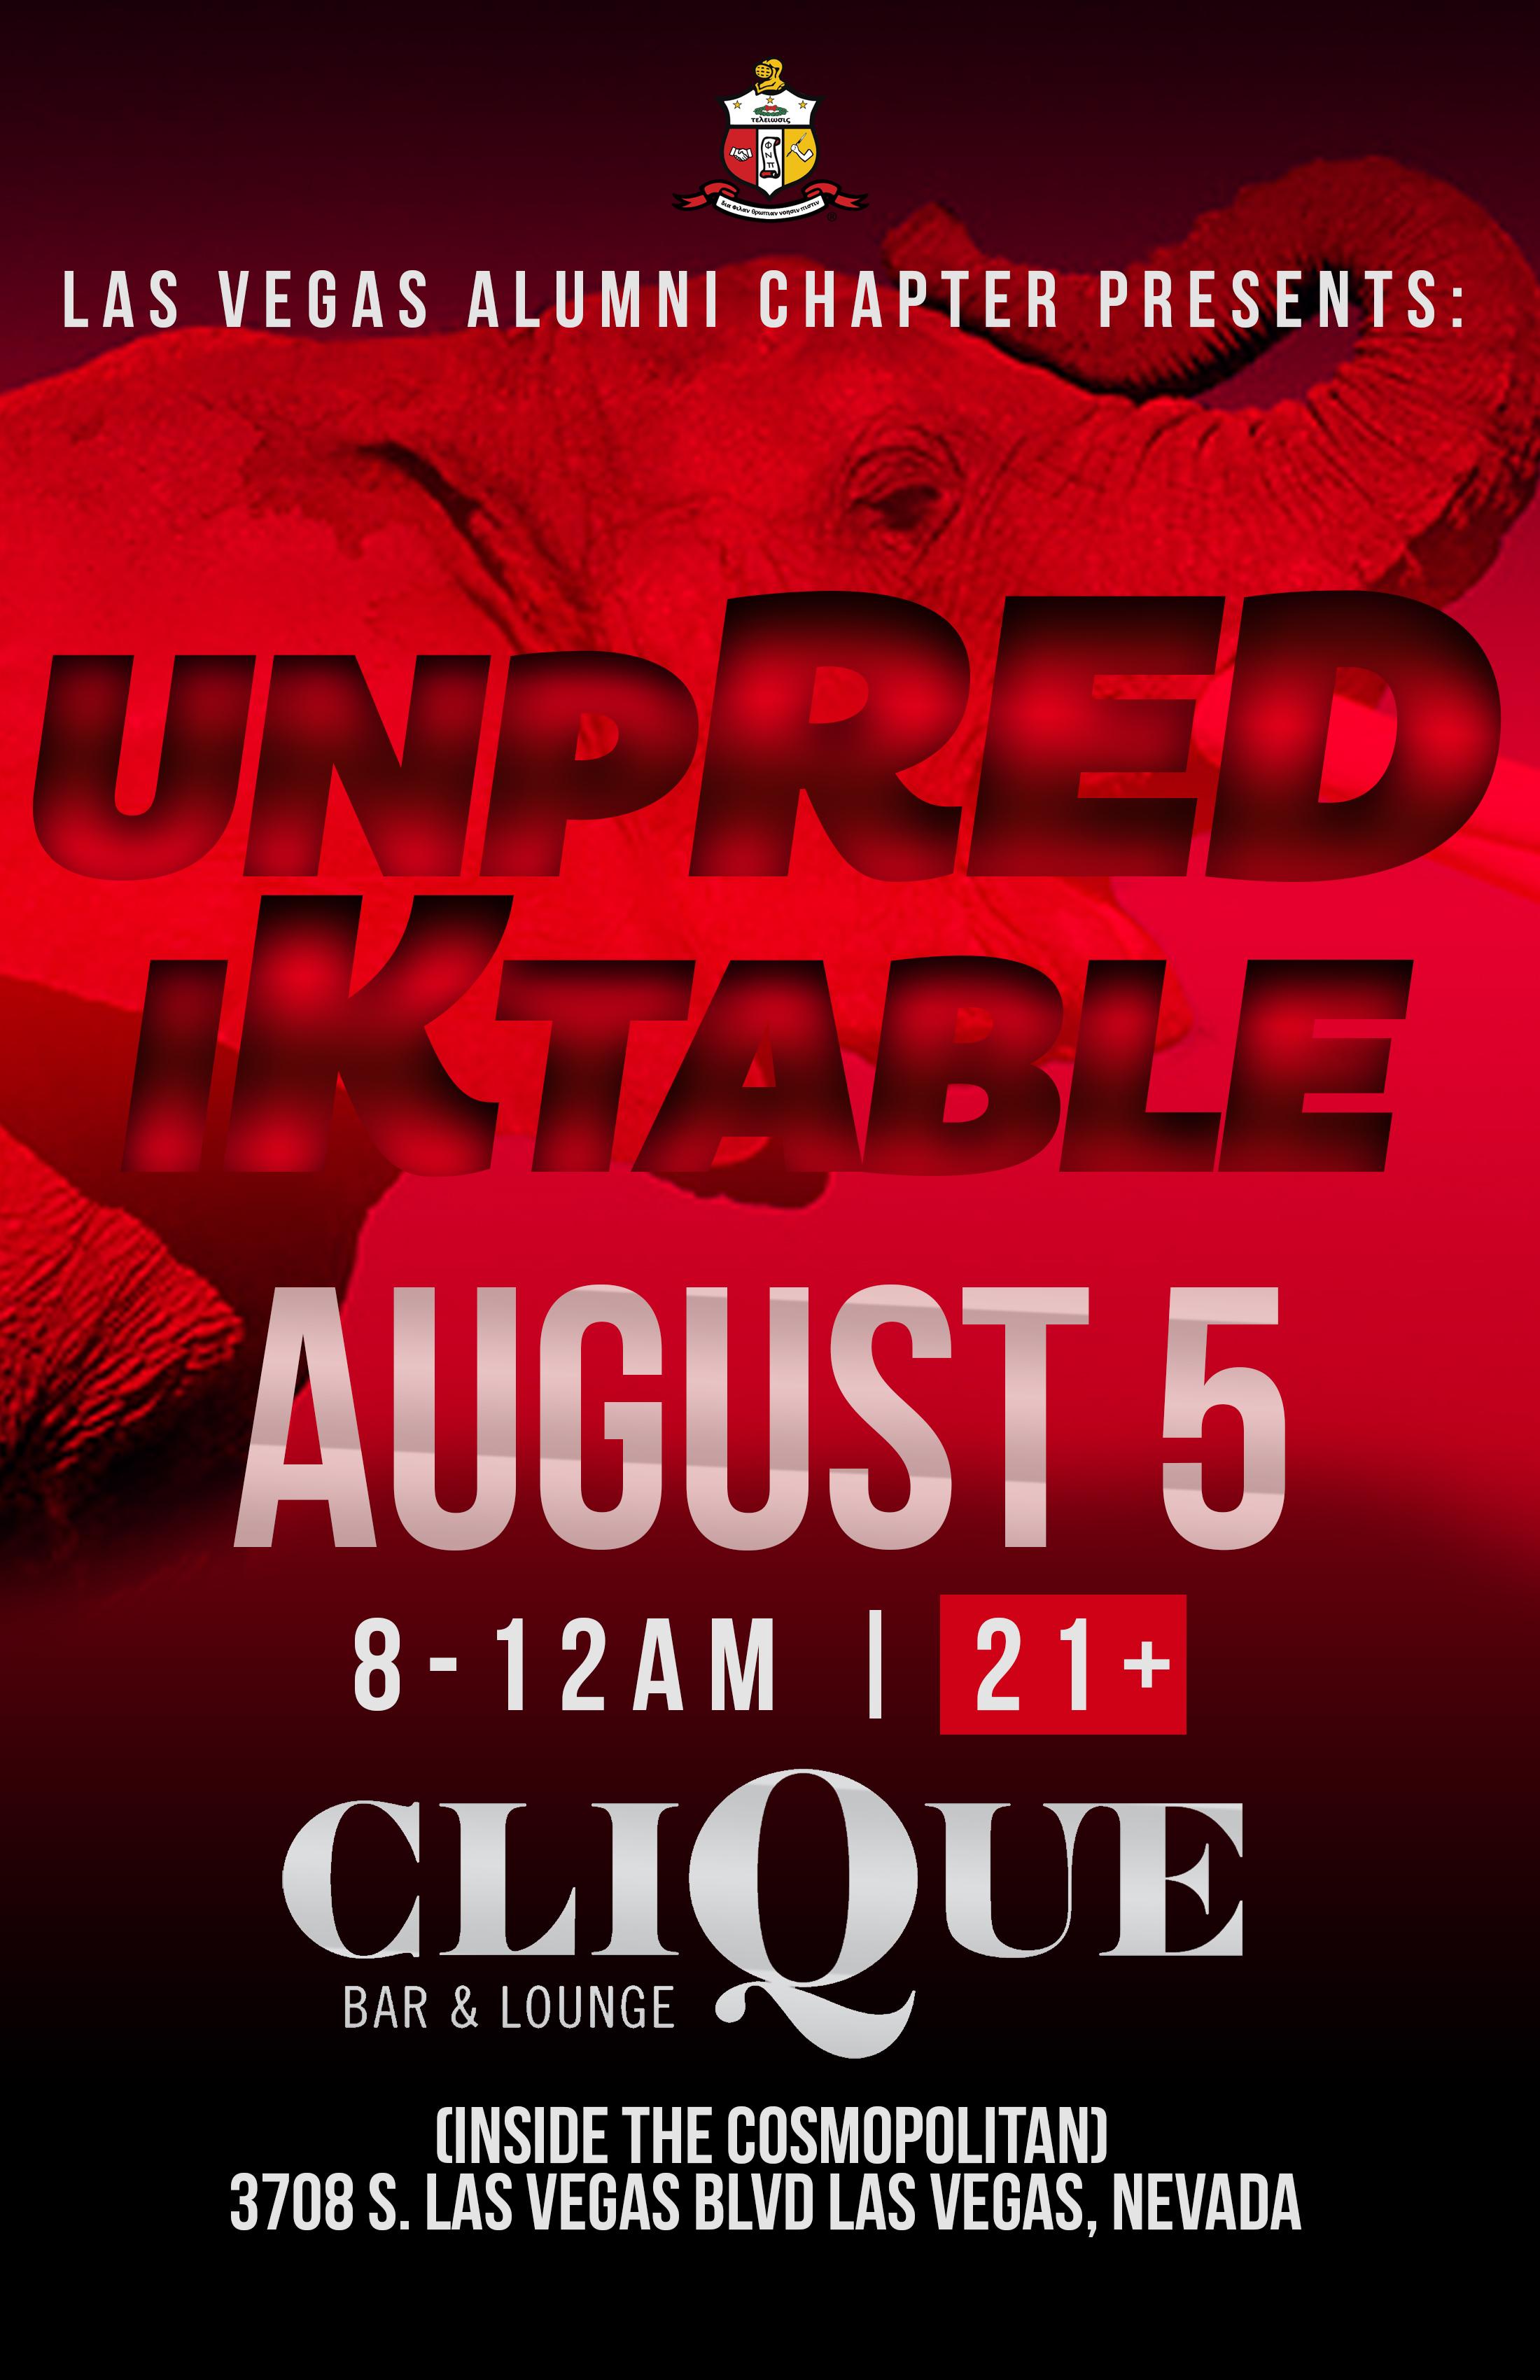 Copy of Delta's UnpREDiKtable Party flyer